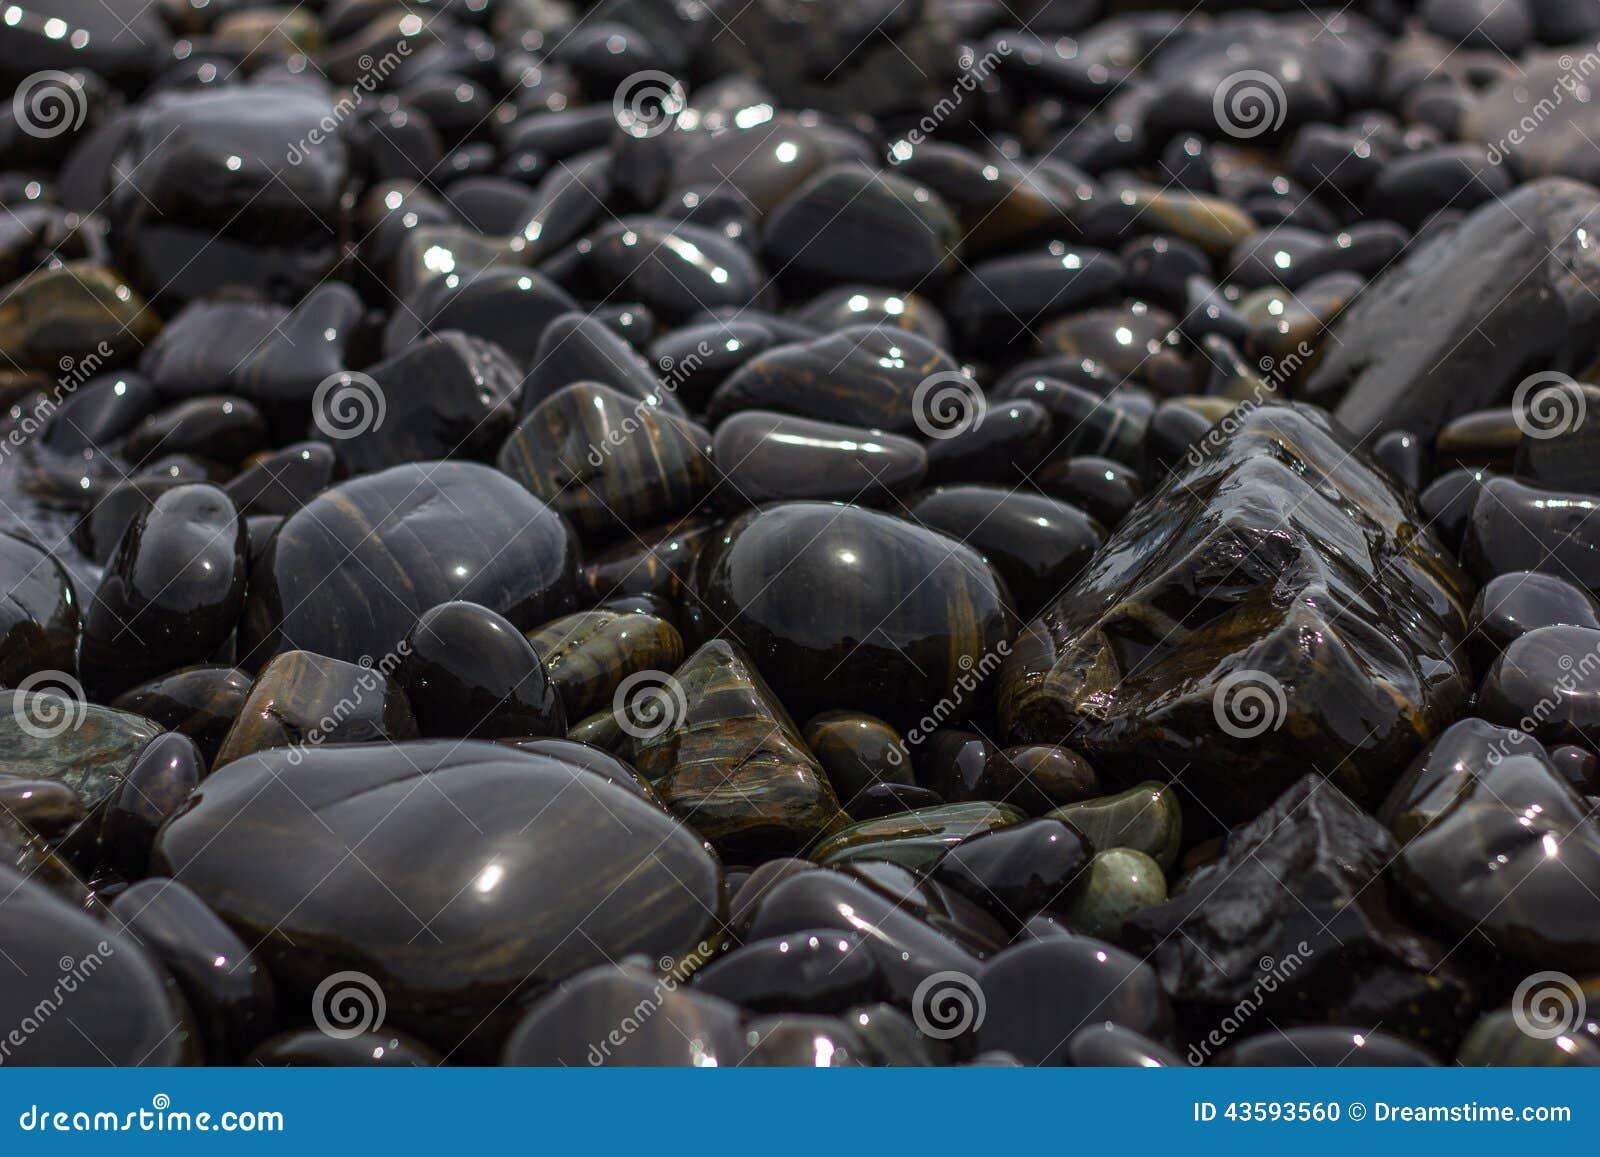 Decorative Stones Stock Photo Image Of Black Stones 43593560